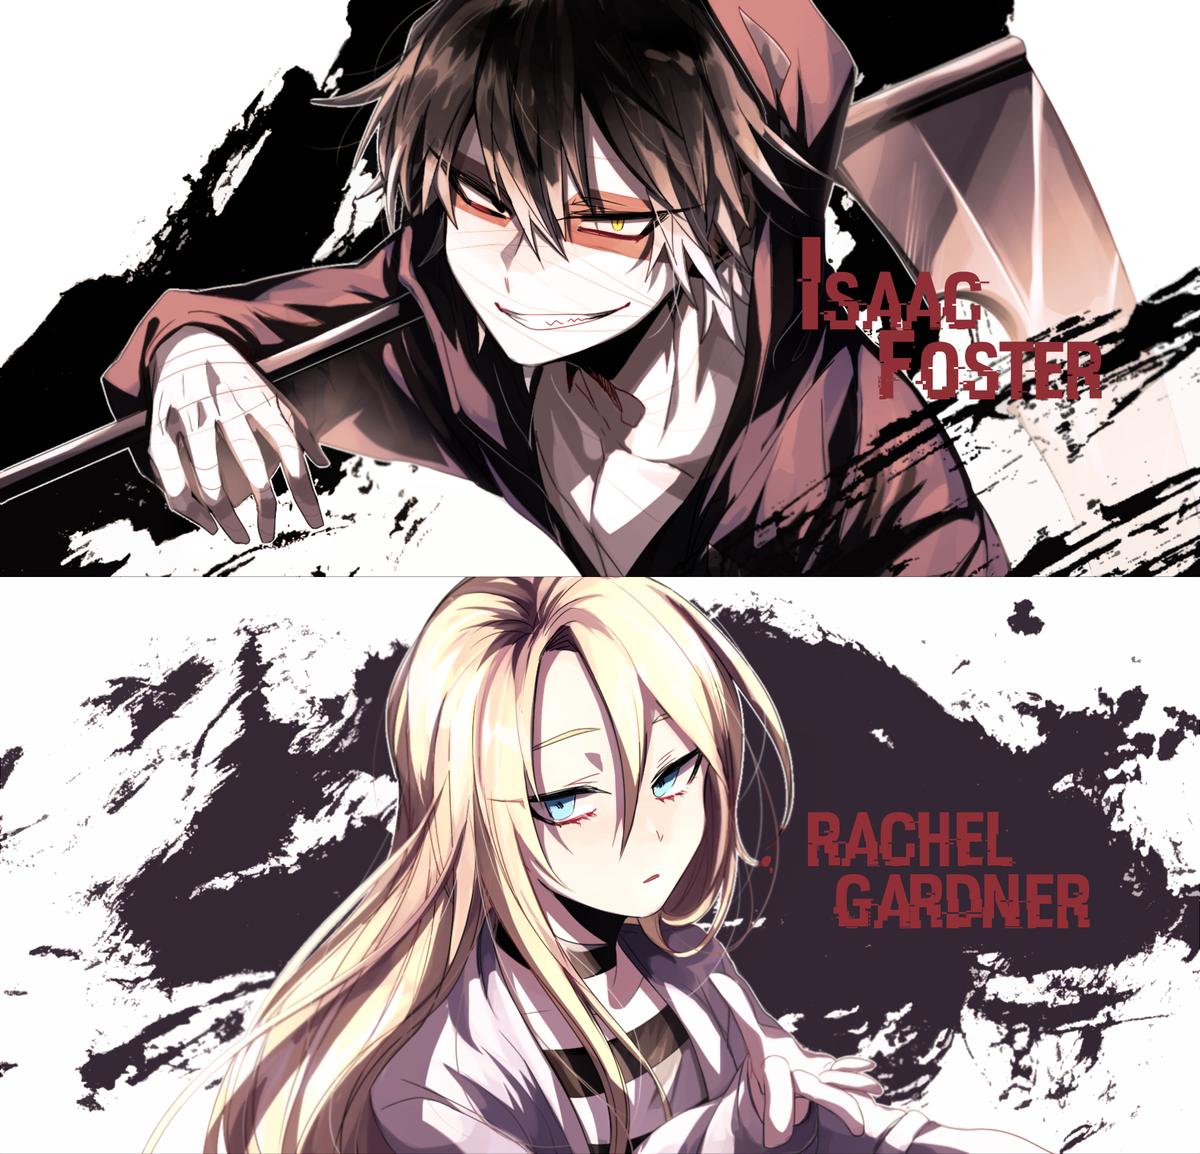 埋め込み画像   Reaper boy <3   Angel of death, Death, Angel